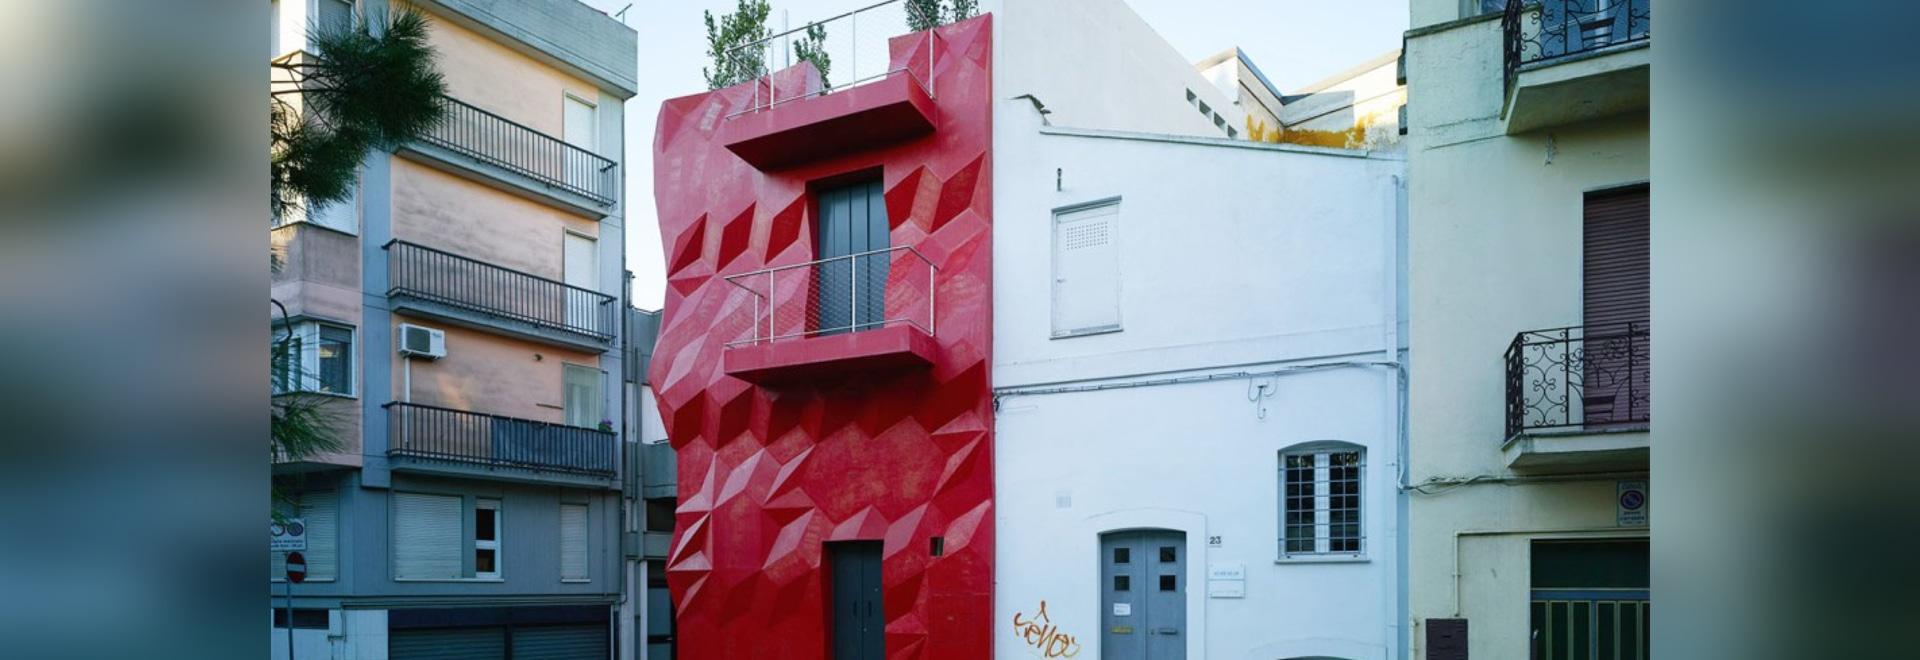 Leichtes Genie: Helle Rote Jeweled Fassade Zerschneidet Italienisches Haus?  S Energieverbrauch